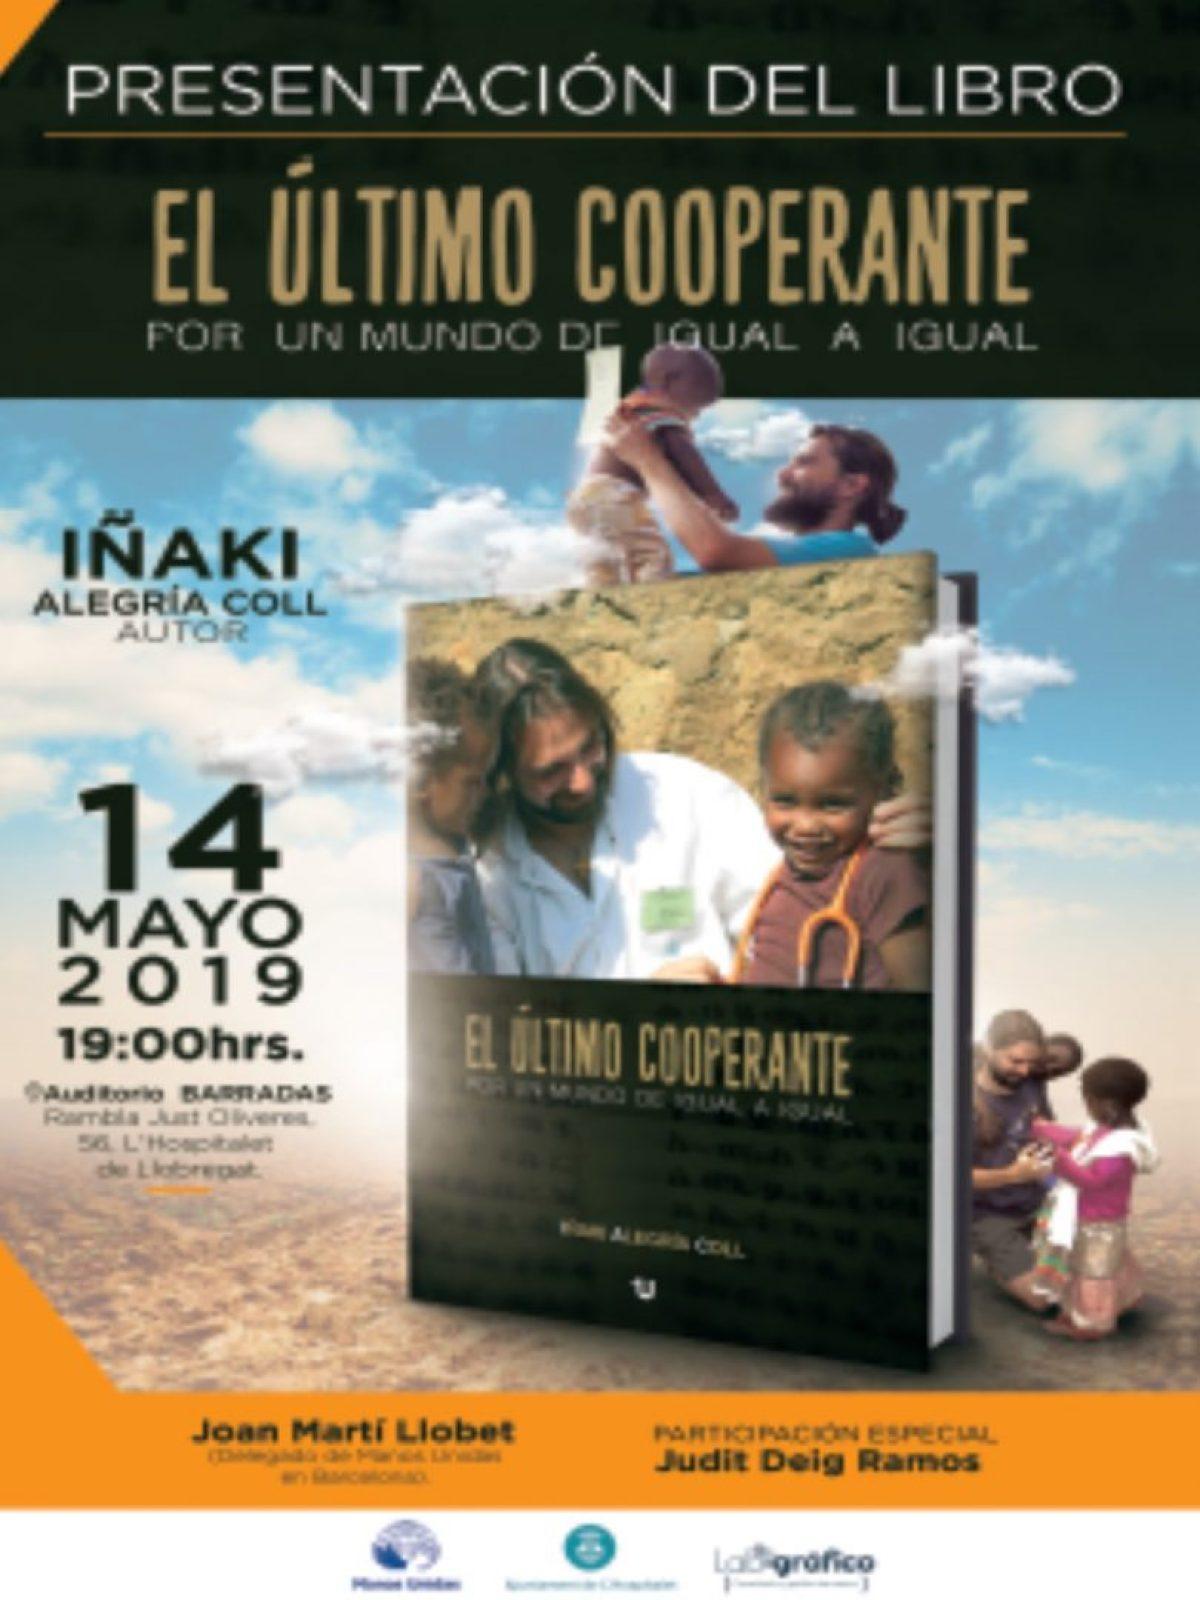 El último cooperante: Auditorio Barradas 14 de Mayo africa dr alegria etiopia gambo